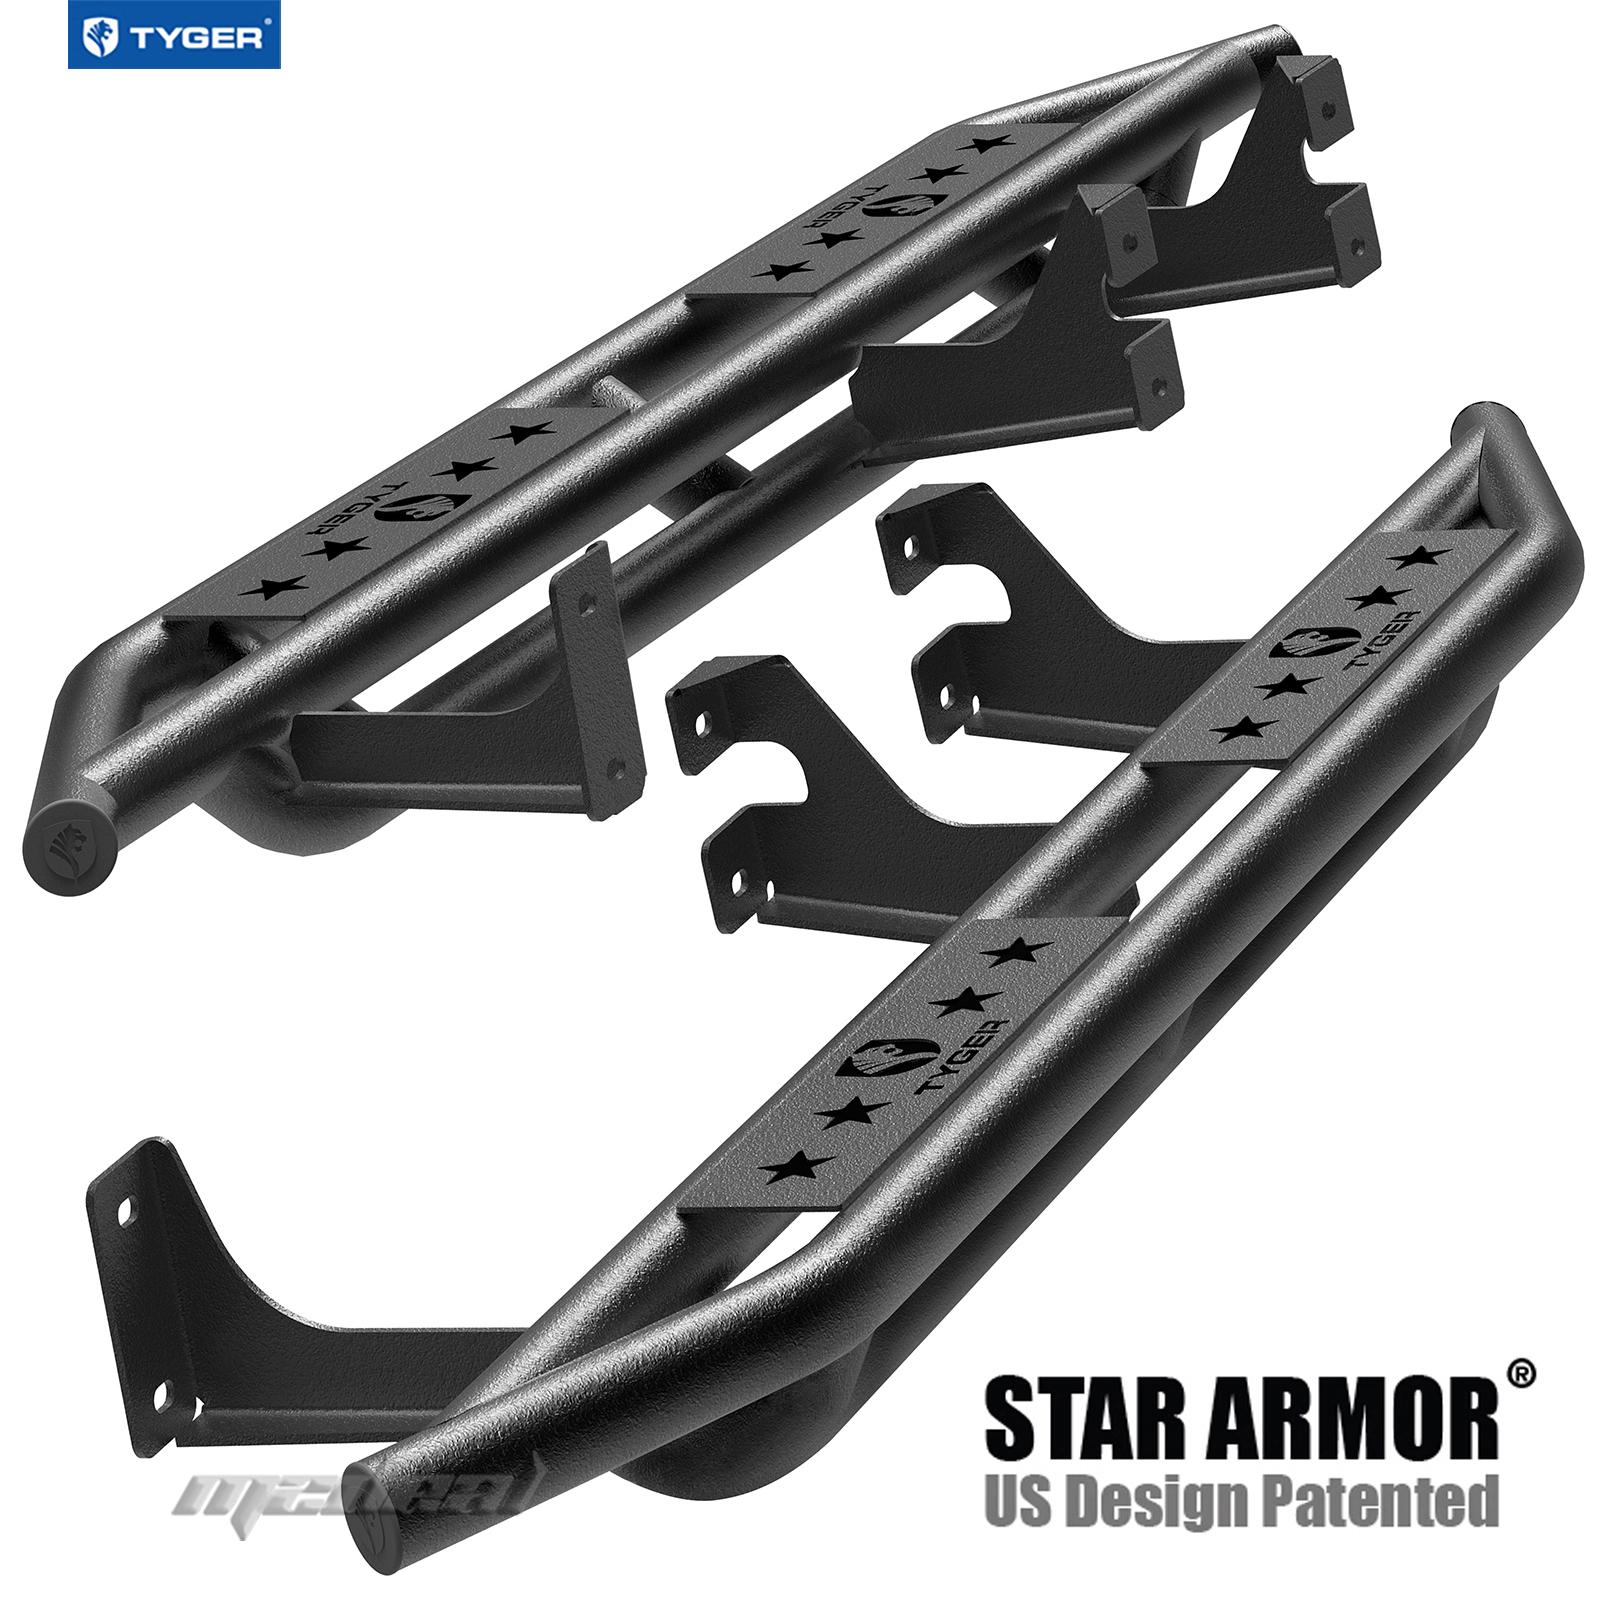 Aries Running Boards >> TYGER Star Armor For 2007-2014 Toyota FJ Cruiser Black Side Step Nerf Bars